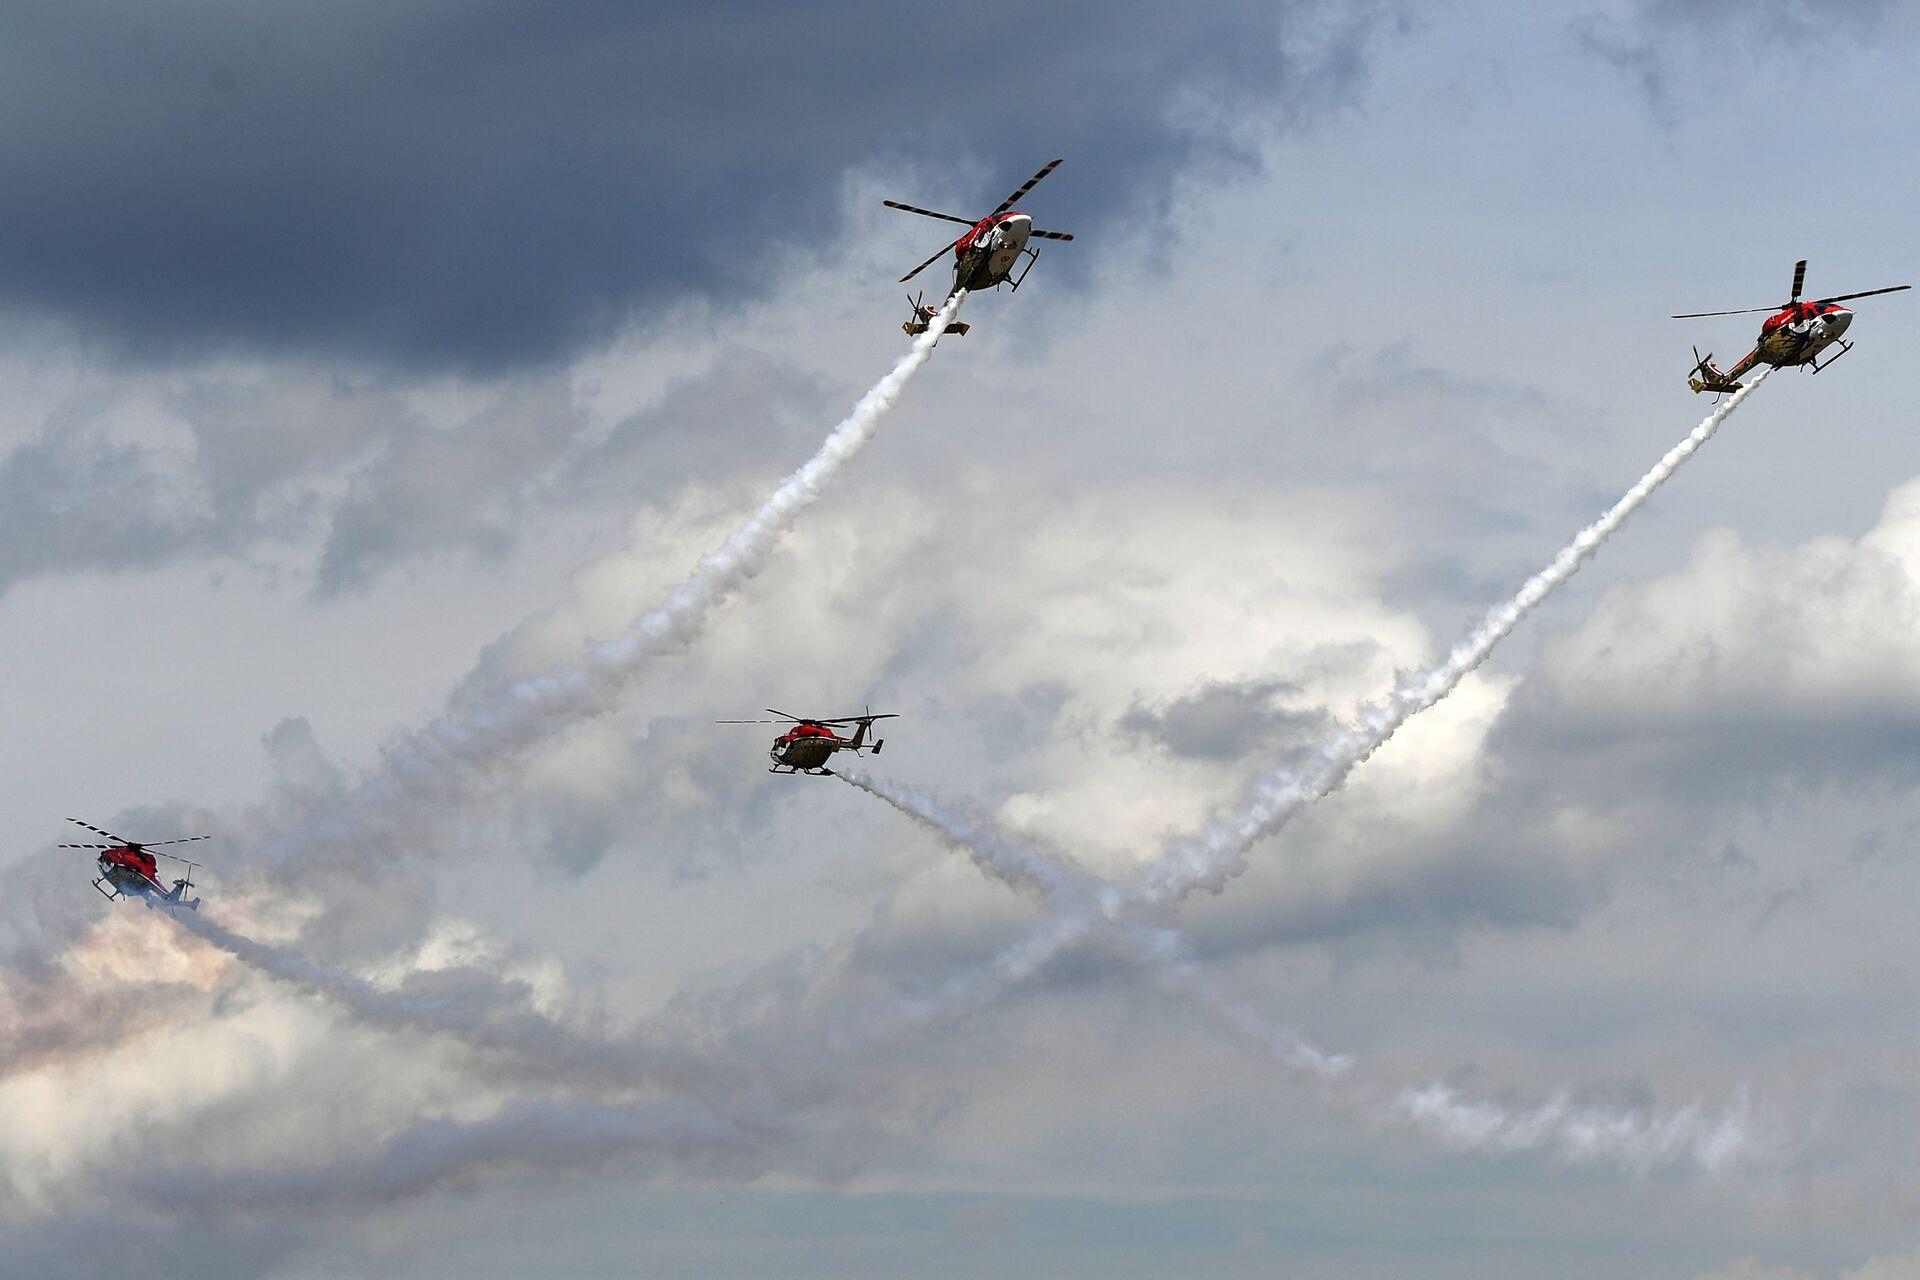 Đội nhào lộn trên máy bay trực thăng đến từ Ấn Độ lần đầu tiên trình diễn tại MAKS-2021 - Sputnik Việt Nam, 1920, 21.07.2021